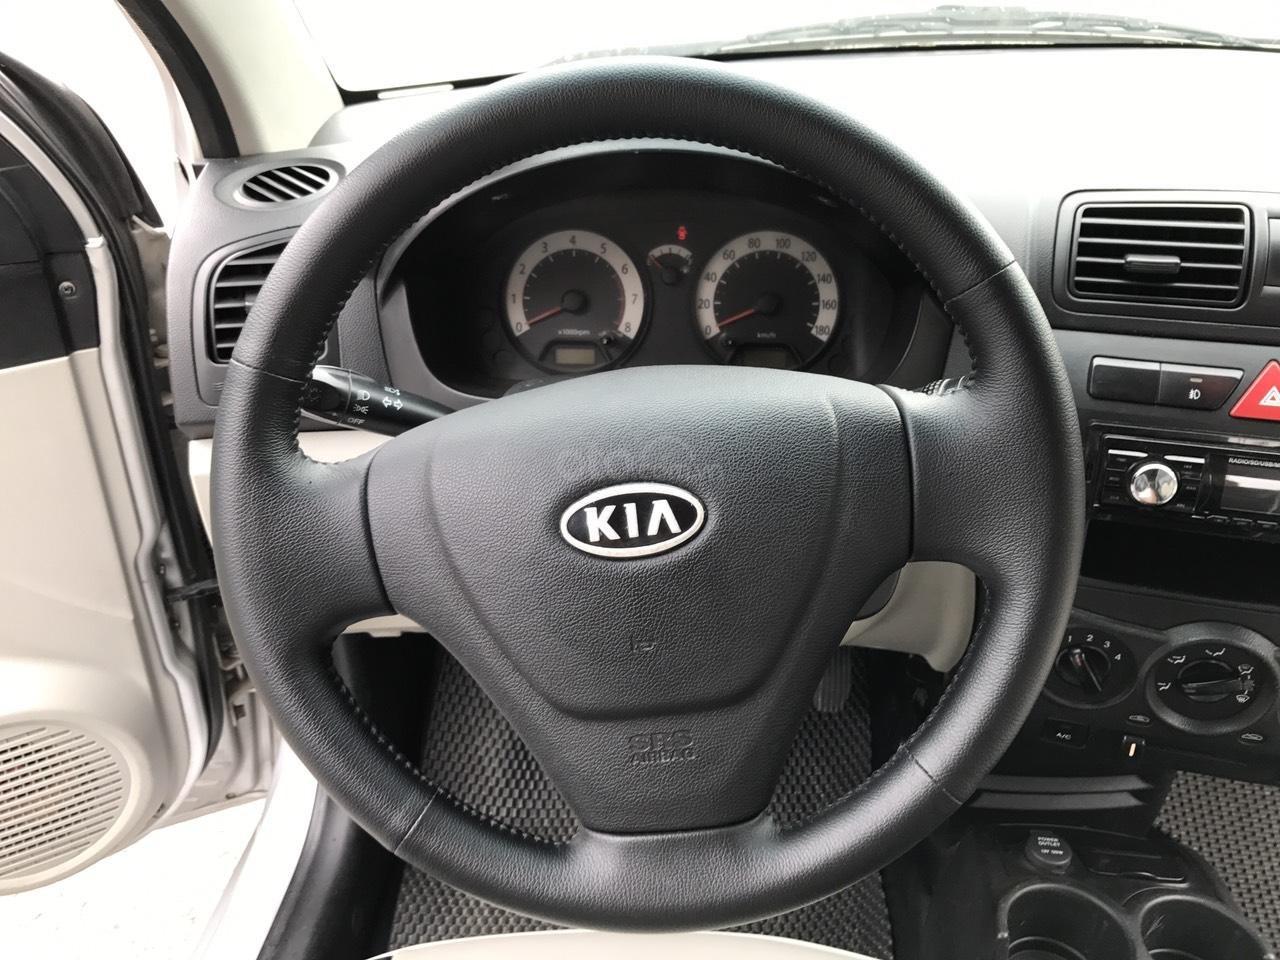 Cần bán xe Kia Morning SLX 2008, màu bạc, nhập khẩu, form mới, chính chủ-5